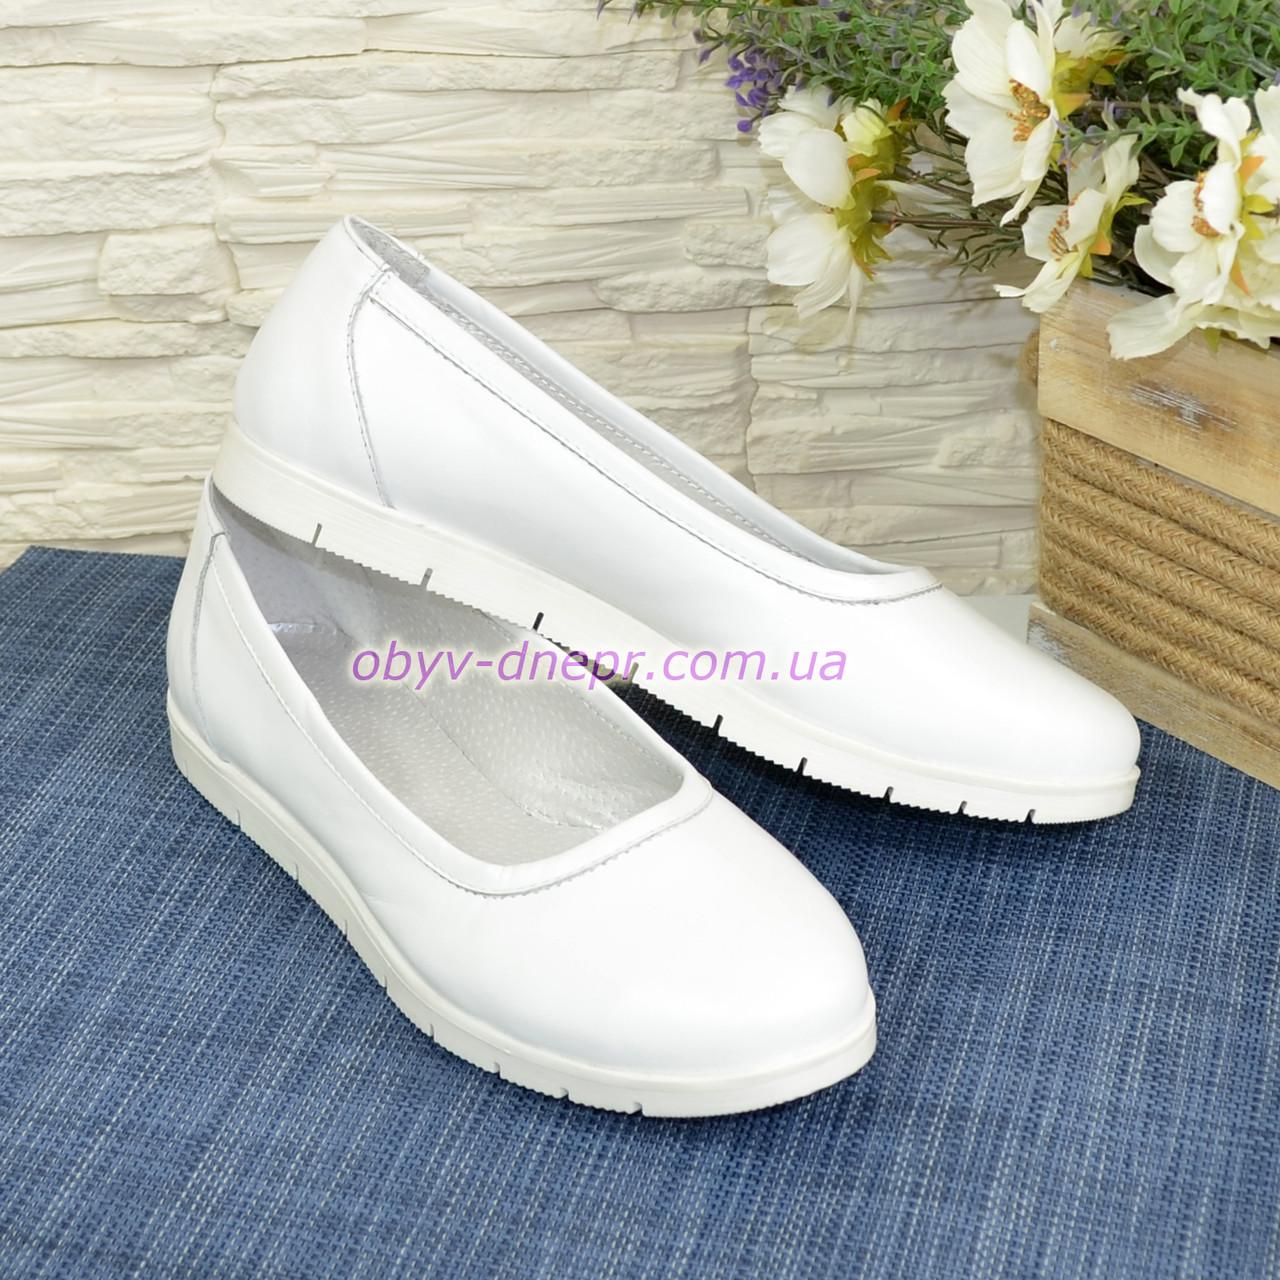 Туфлі-балетки білі шкіряні на товстій підошві